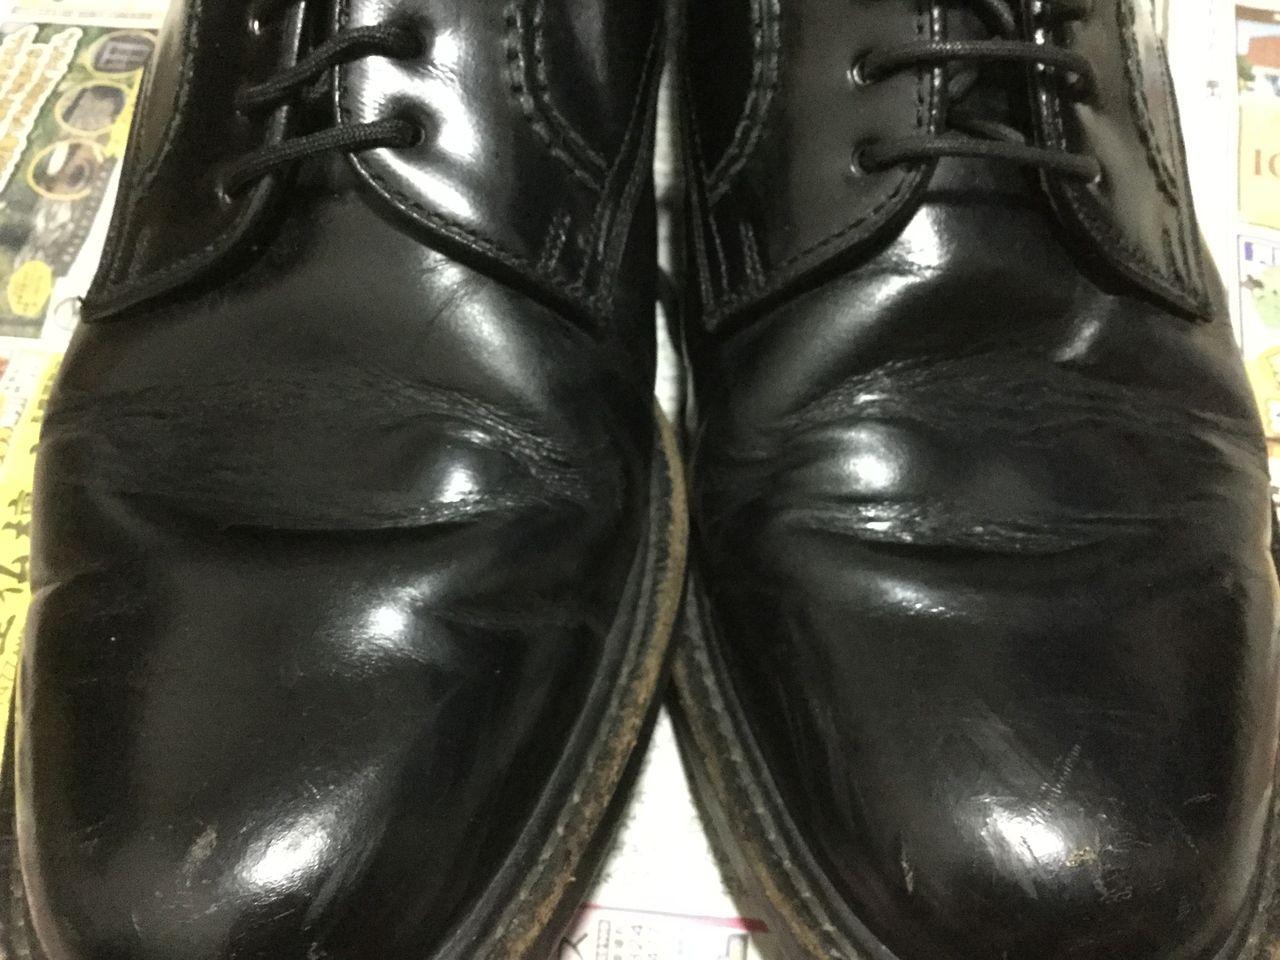 この靴は、主に靴の甲~コバのあたりにダメージが集中しているもよう(他の部分は割ときれいでした)。